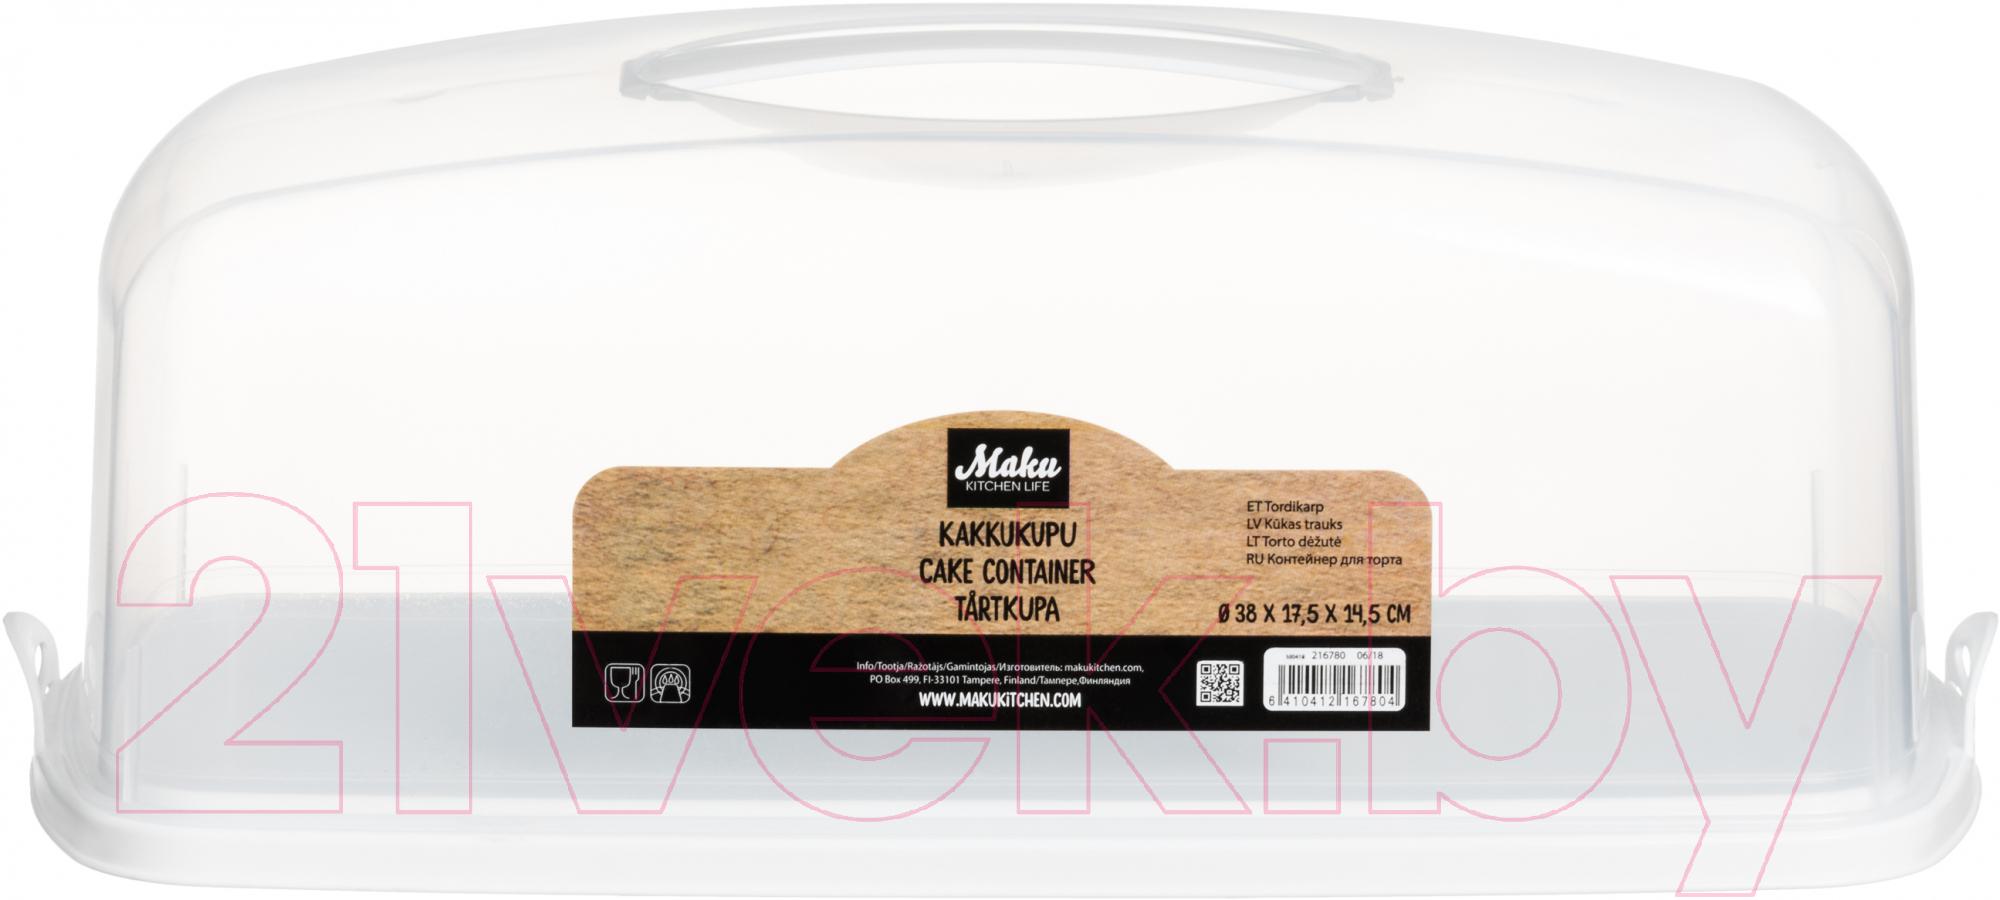 Купить Емкость для хранения выпечки Maku Kitchen Life, 216780, Китай, полипропилен